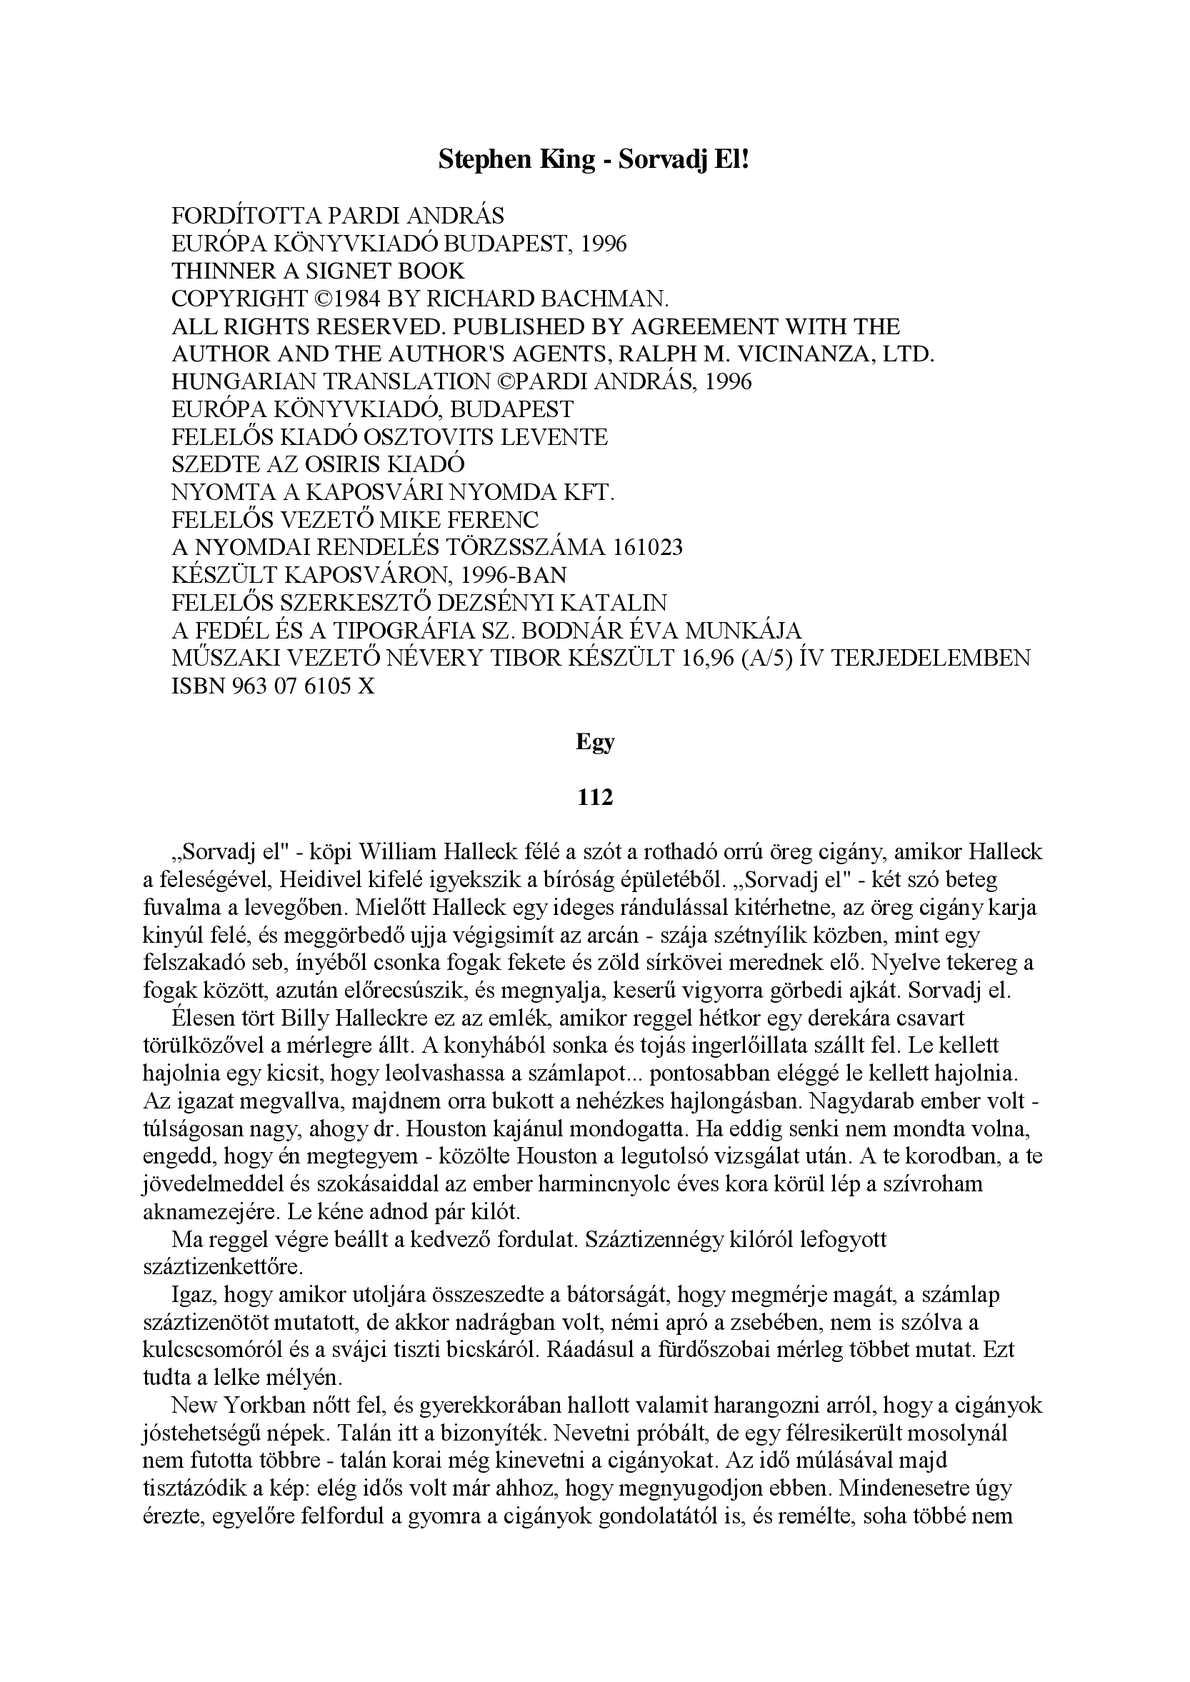 Könyv címkegyűjtemény: táplálkozás | vekettomotor.hu